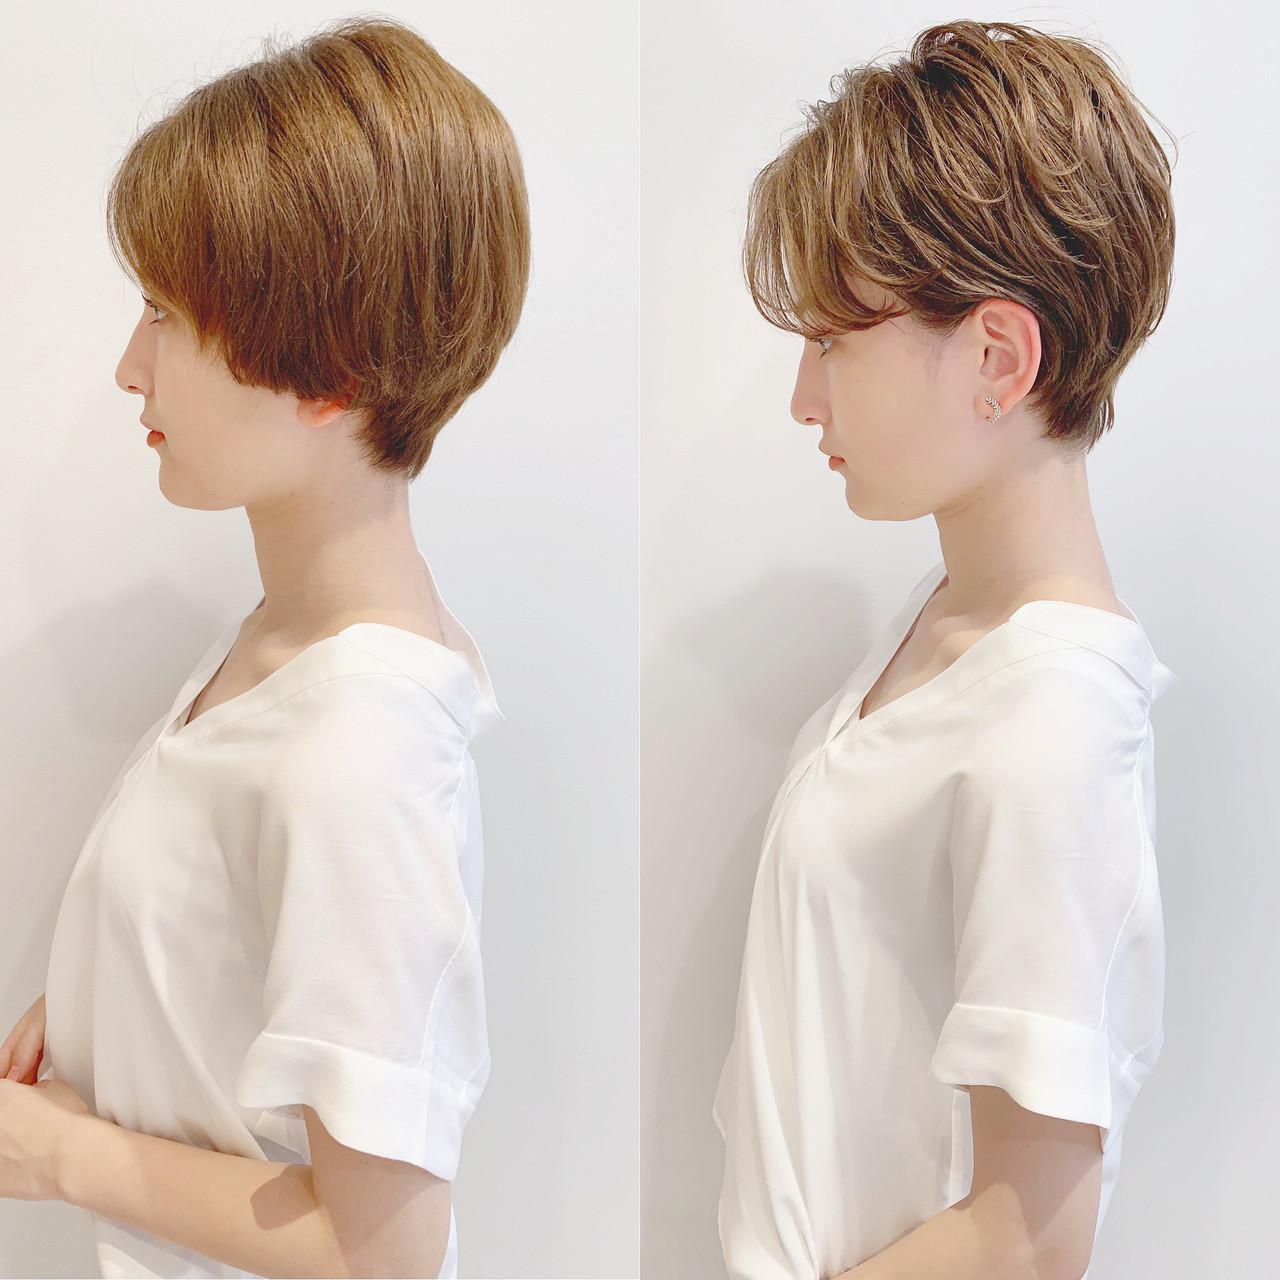 フェミニン アウトドア パーマ ショート ヘアスタイルや髪型の写真・画像